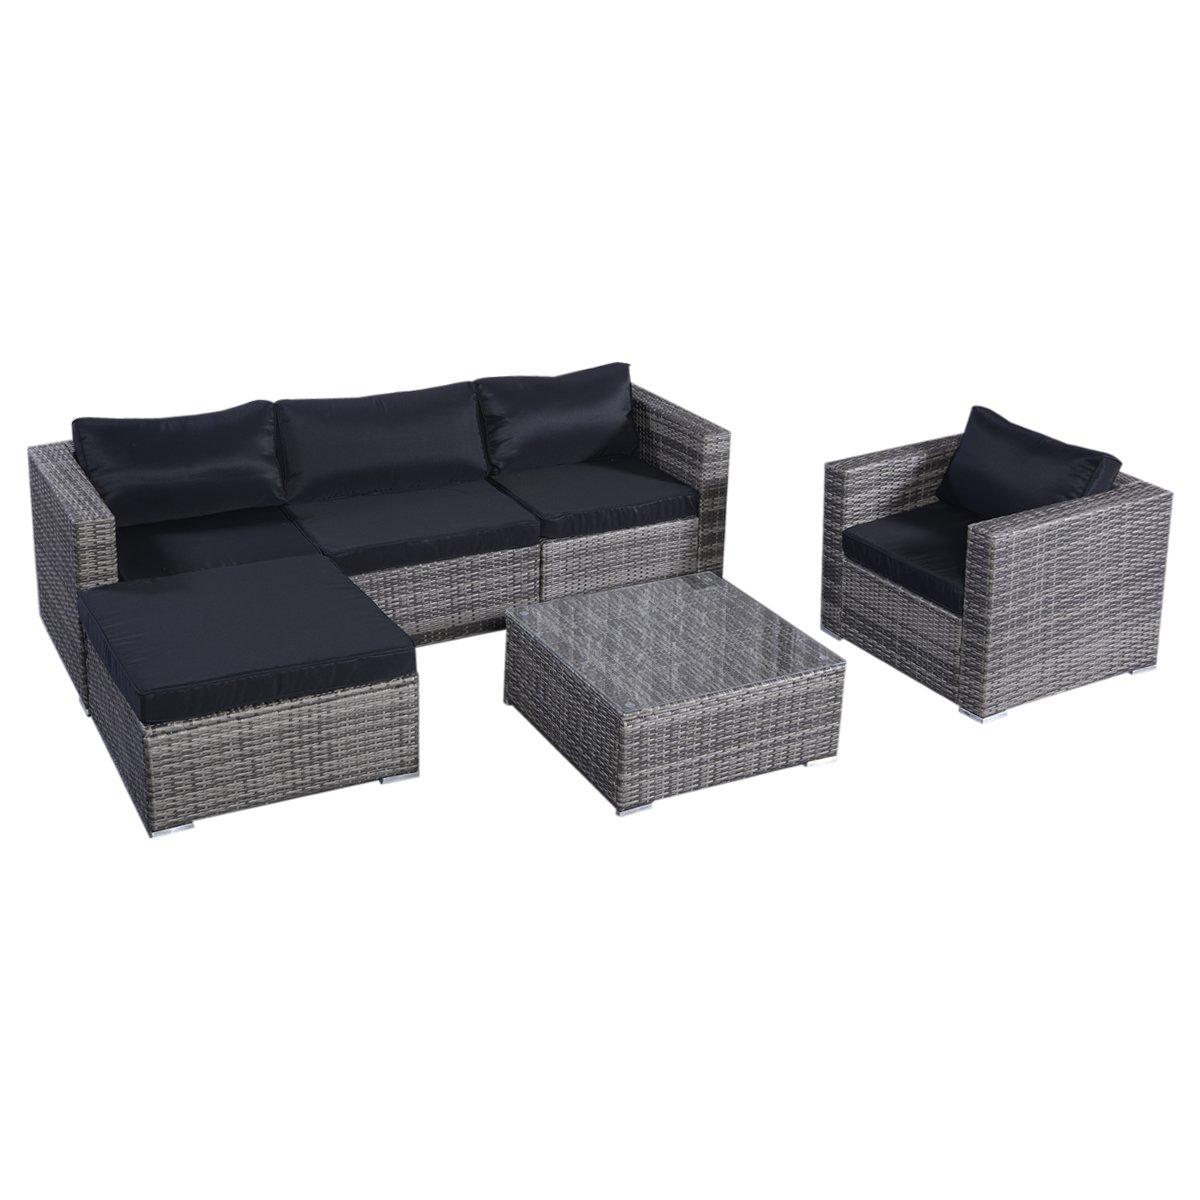 13tlg.Lounge Set Gartenmöbel Rattan Set Polyrattan Sitzgruppe Rattanmöbel Garnitur Garten kaufen